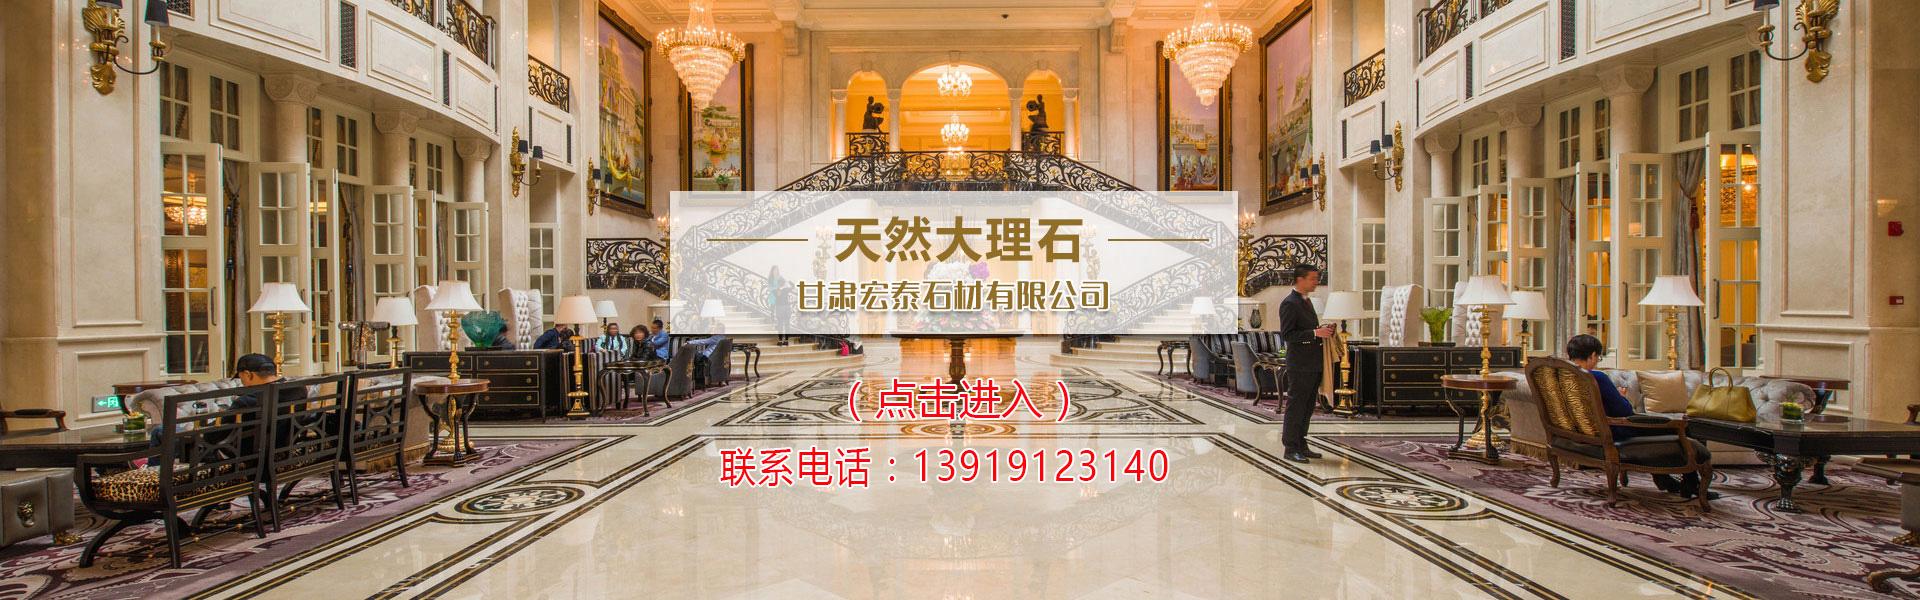 http://www.gshtsc.com/data/images/slide/20200602100946_705.jpg